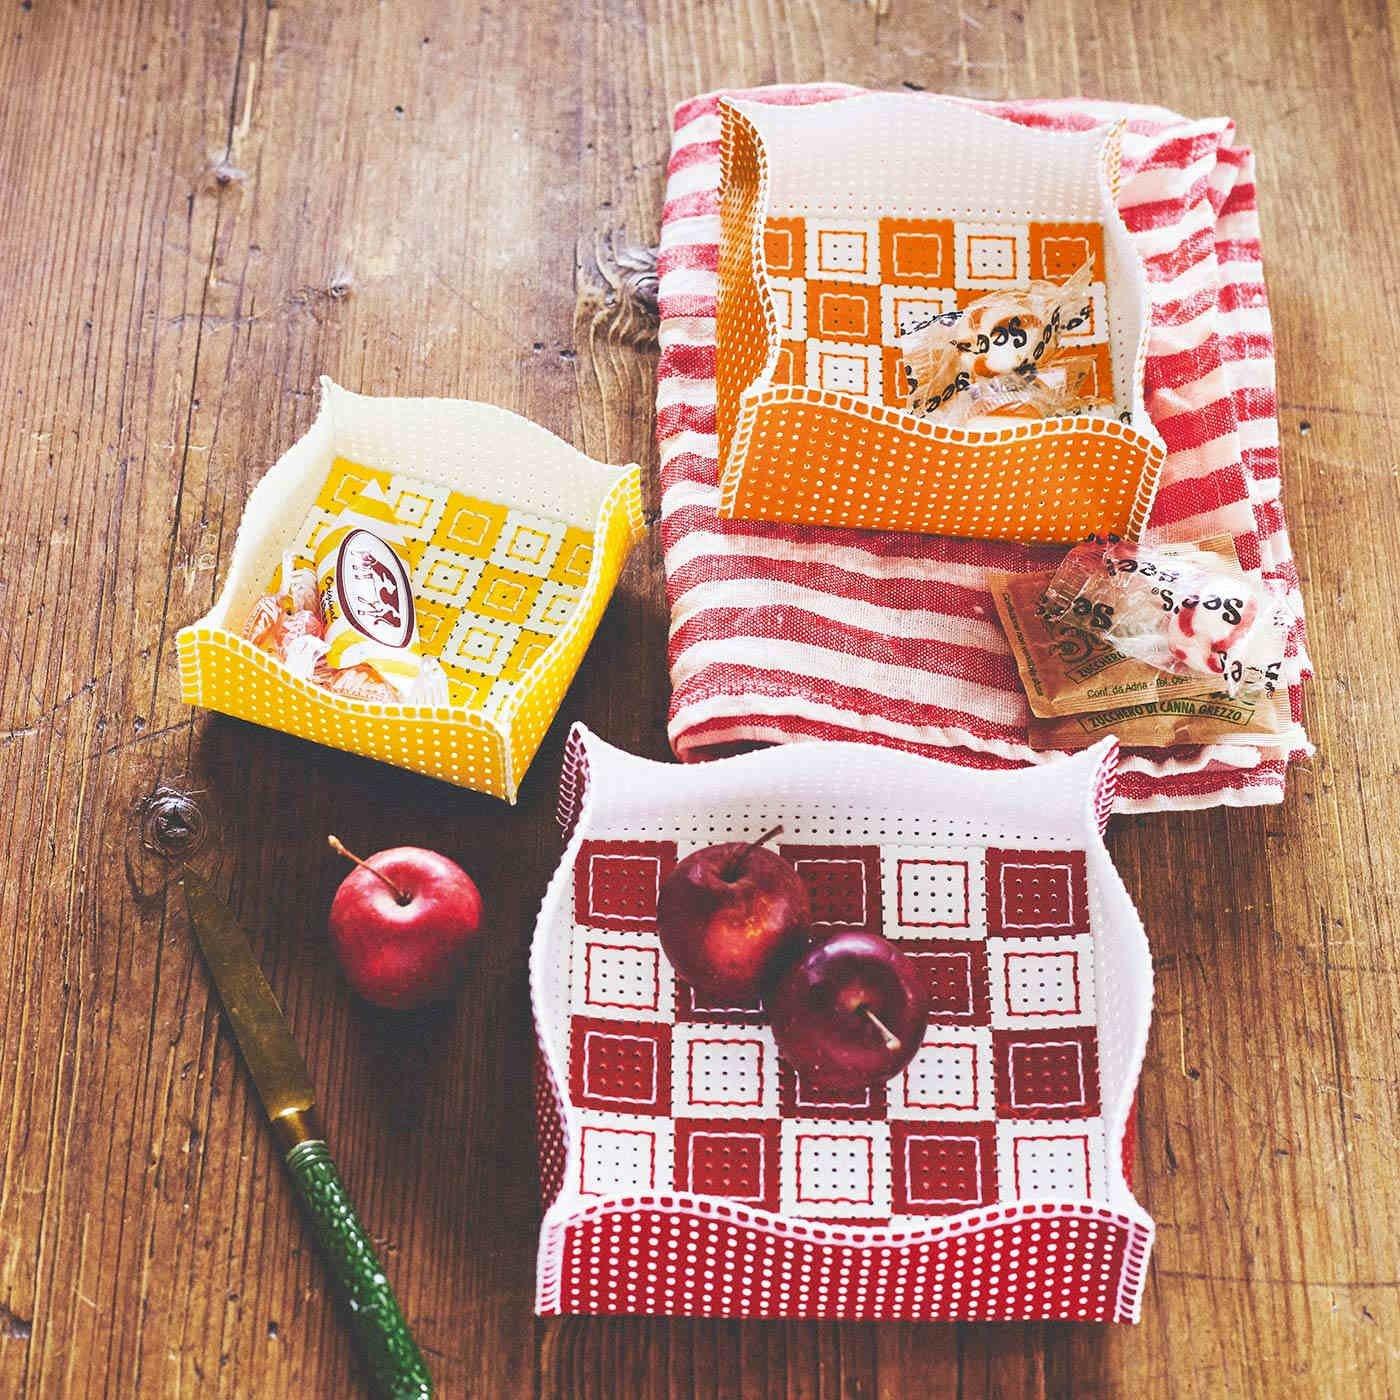 モニック・リヨネさんのパンチングエナメルで作るフレンチ雑貨